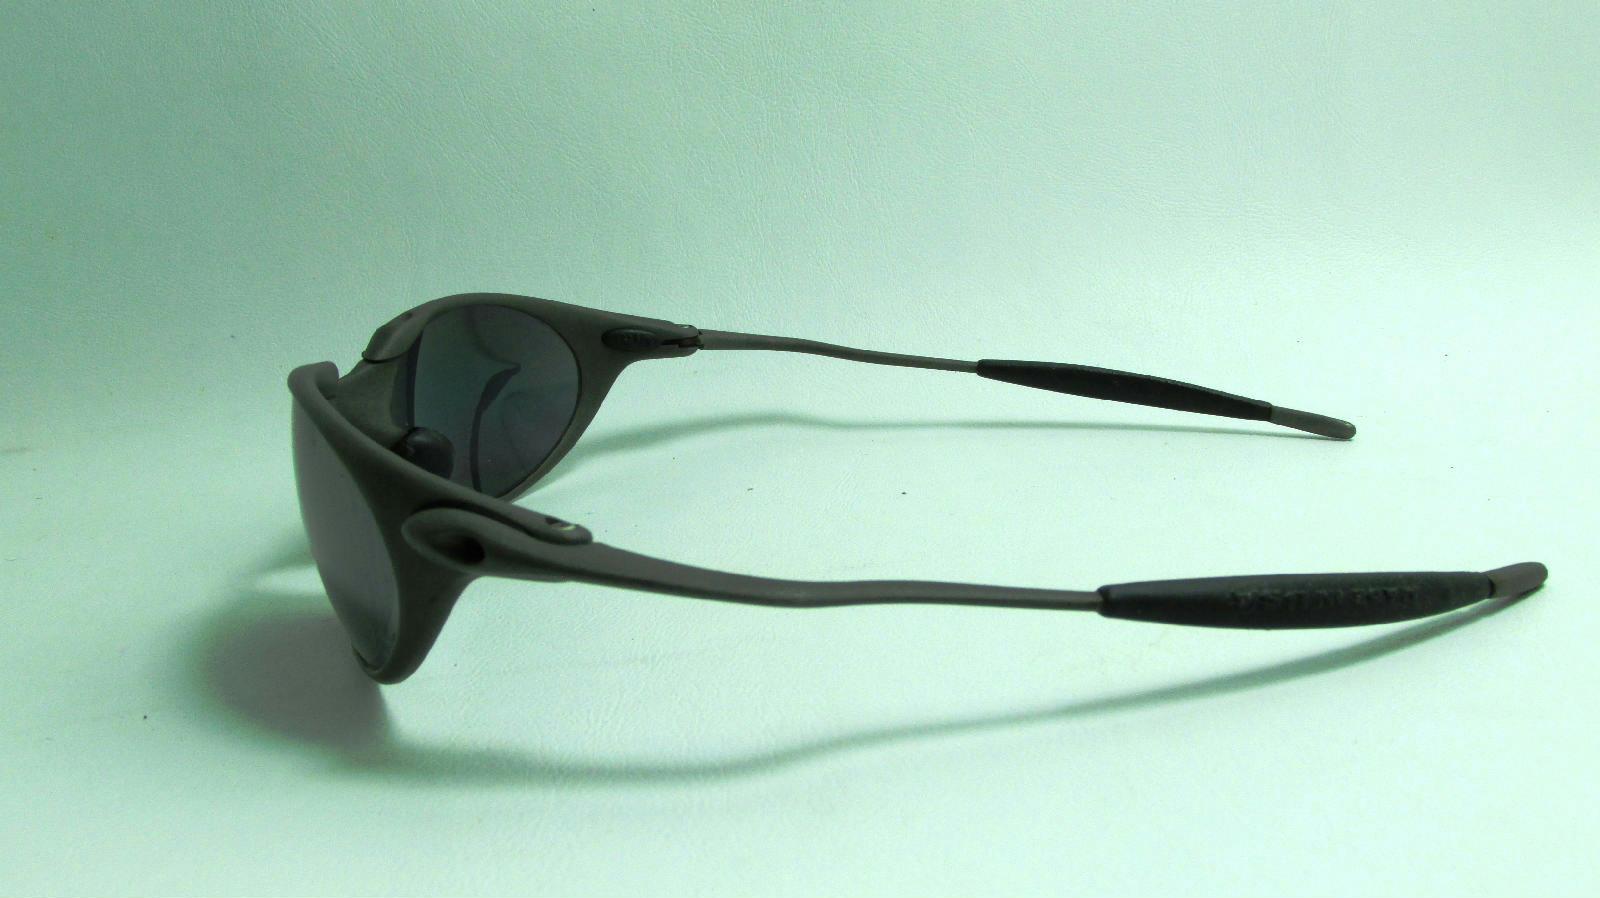 Oakley Titanium Frame Glasses : Uni sex Oakley GrayxMetal Titanium Frame Sunglasses ...